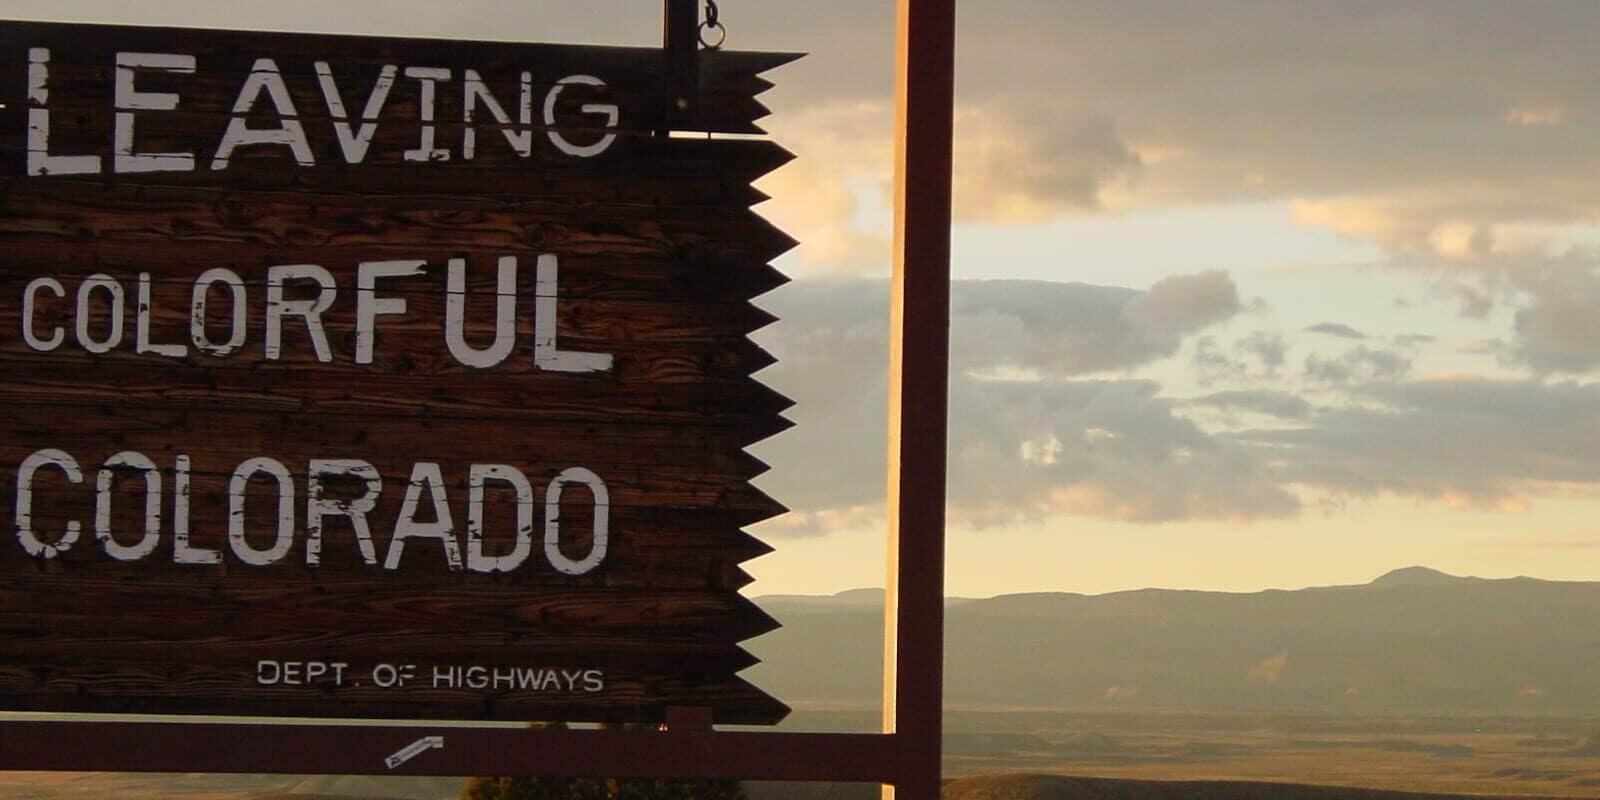 Leaving Colorado Sign